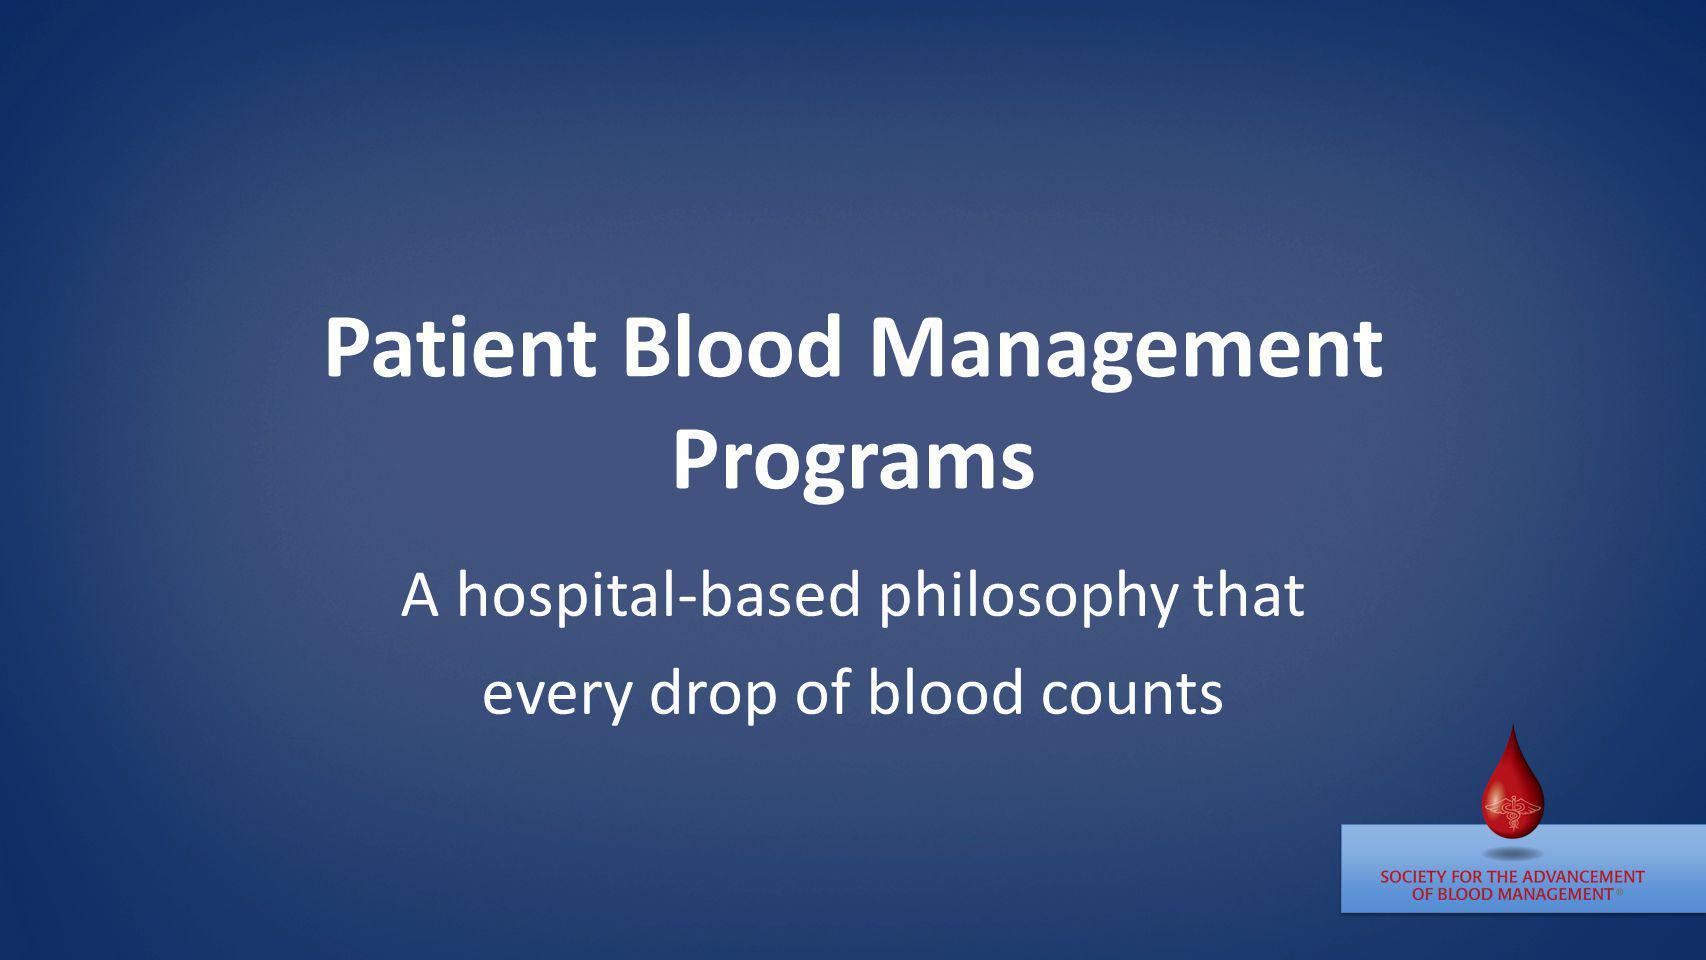 Patient Blood Management Programs